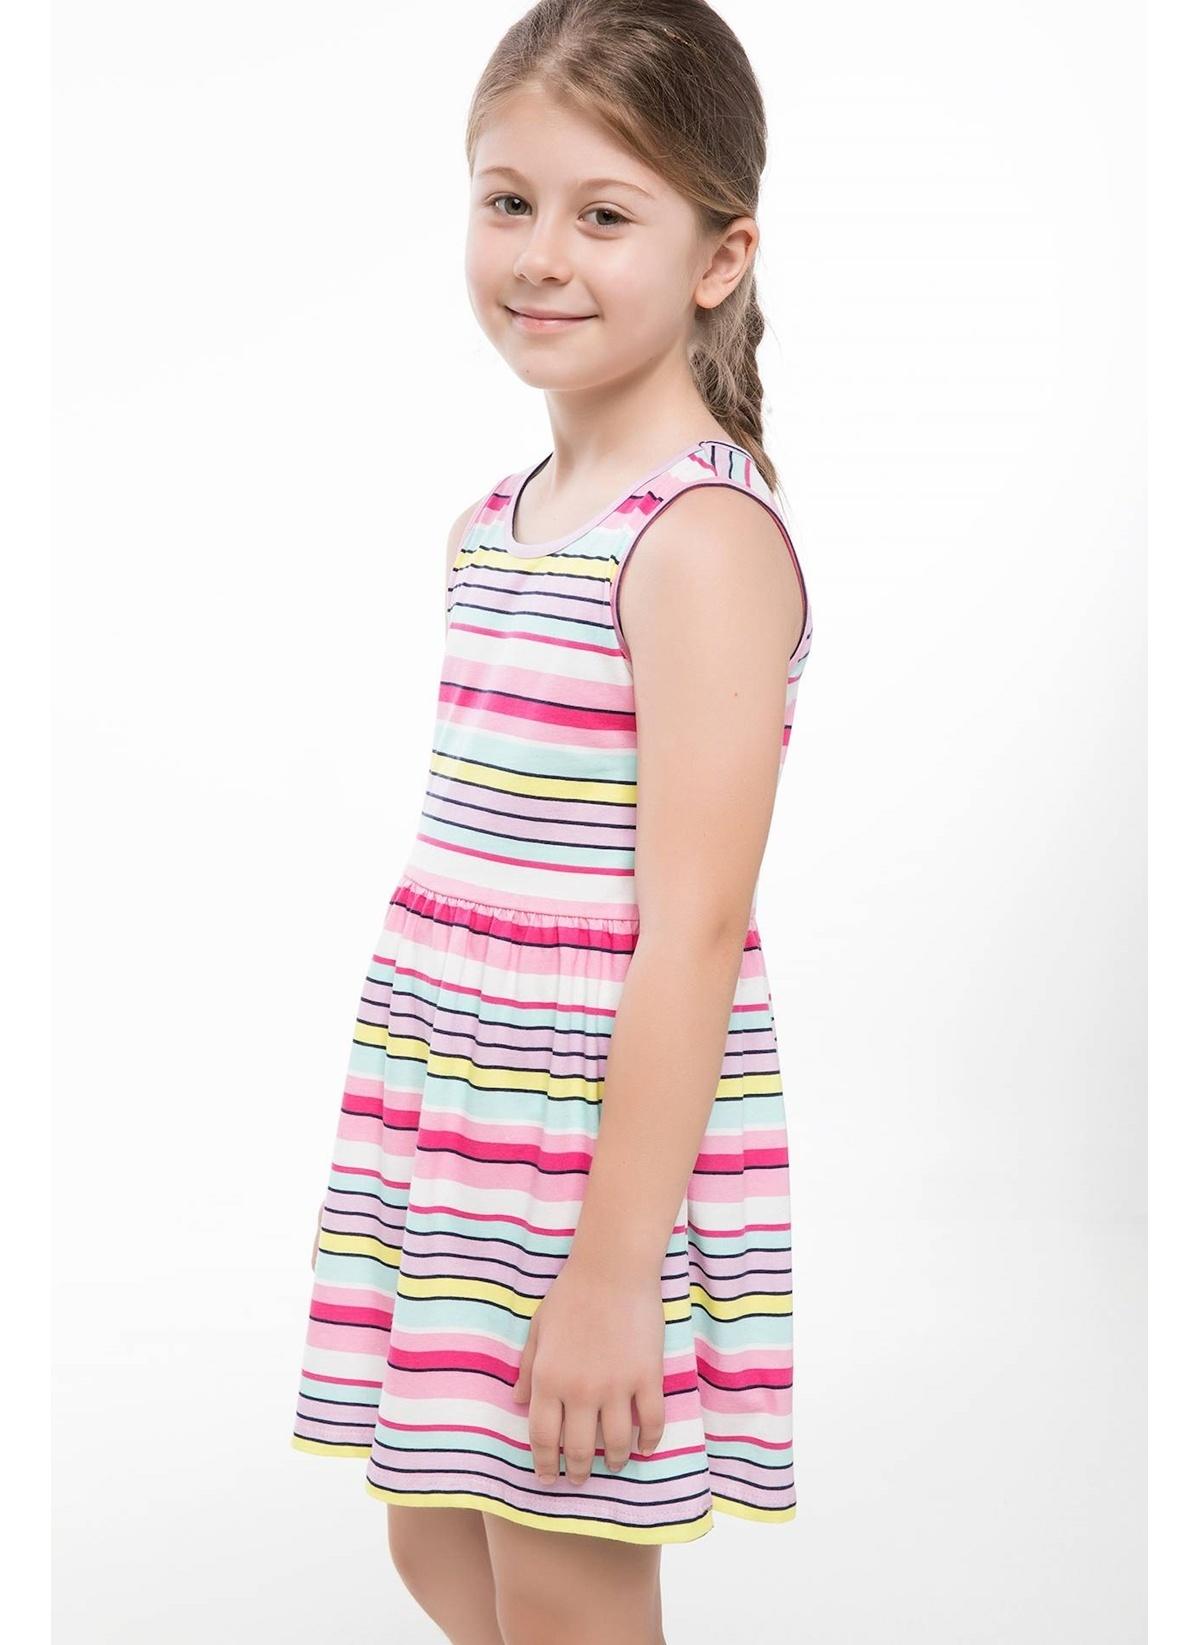 Defacto Elbise K0157a618hser178 Çizgili Elbise – 19.99 TL